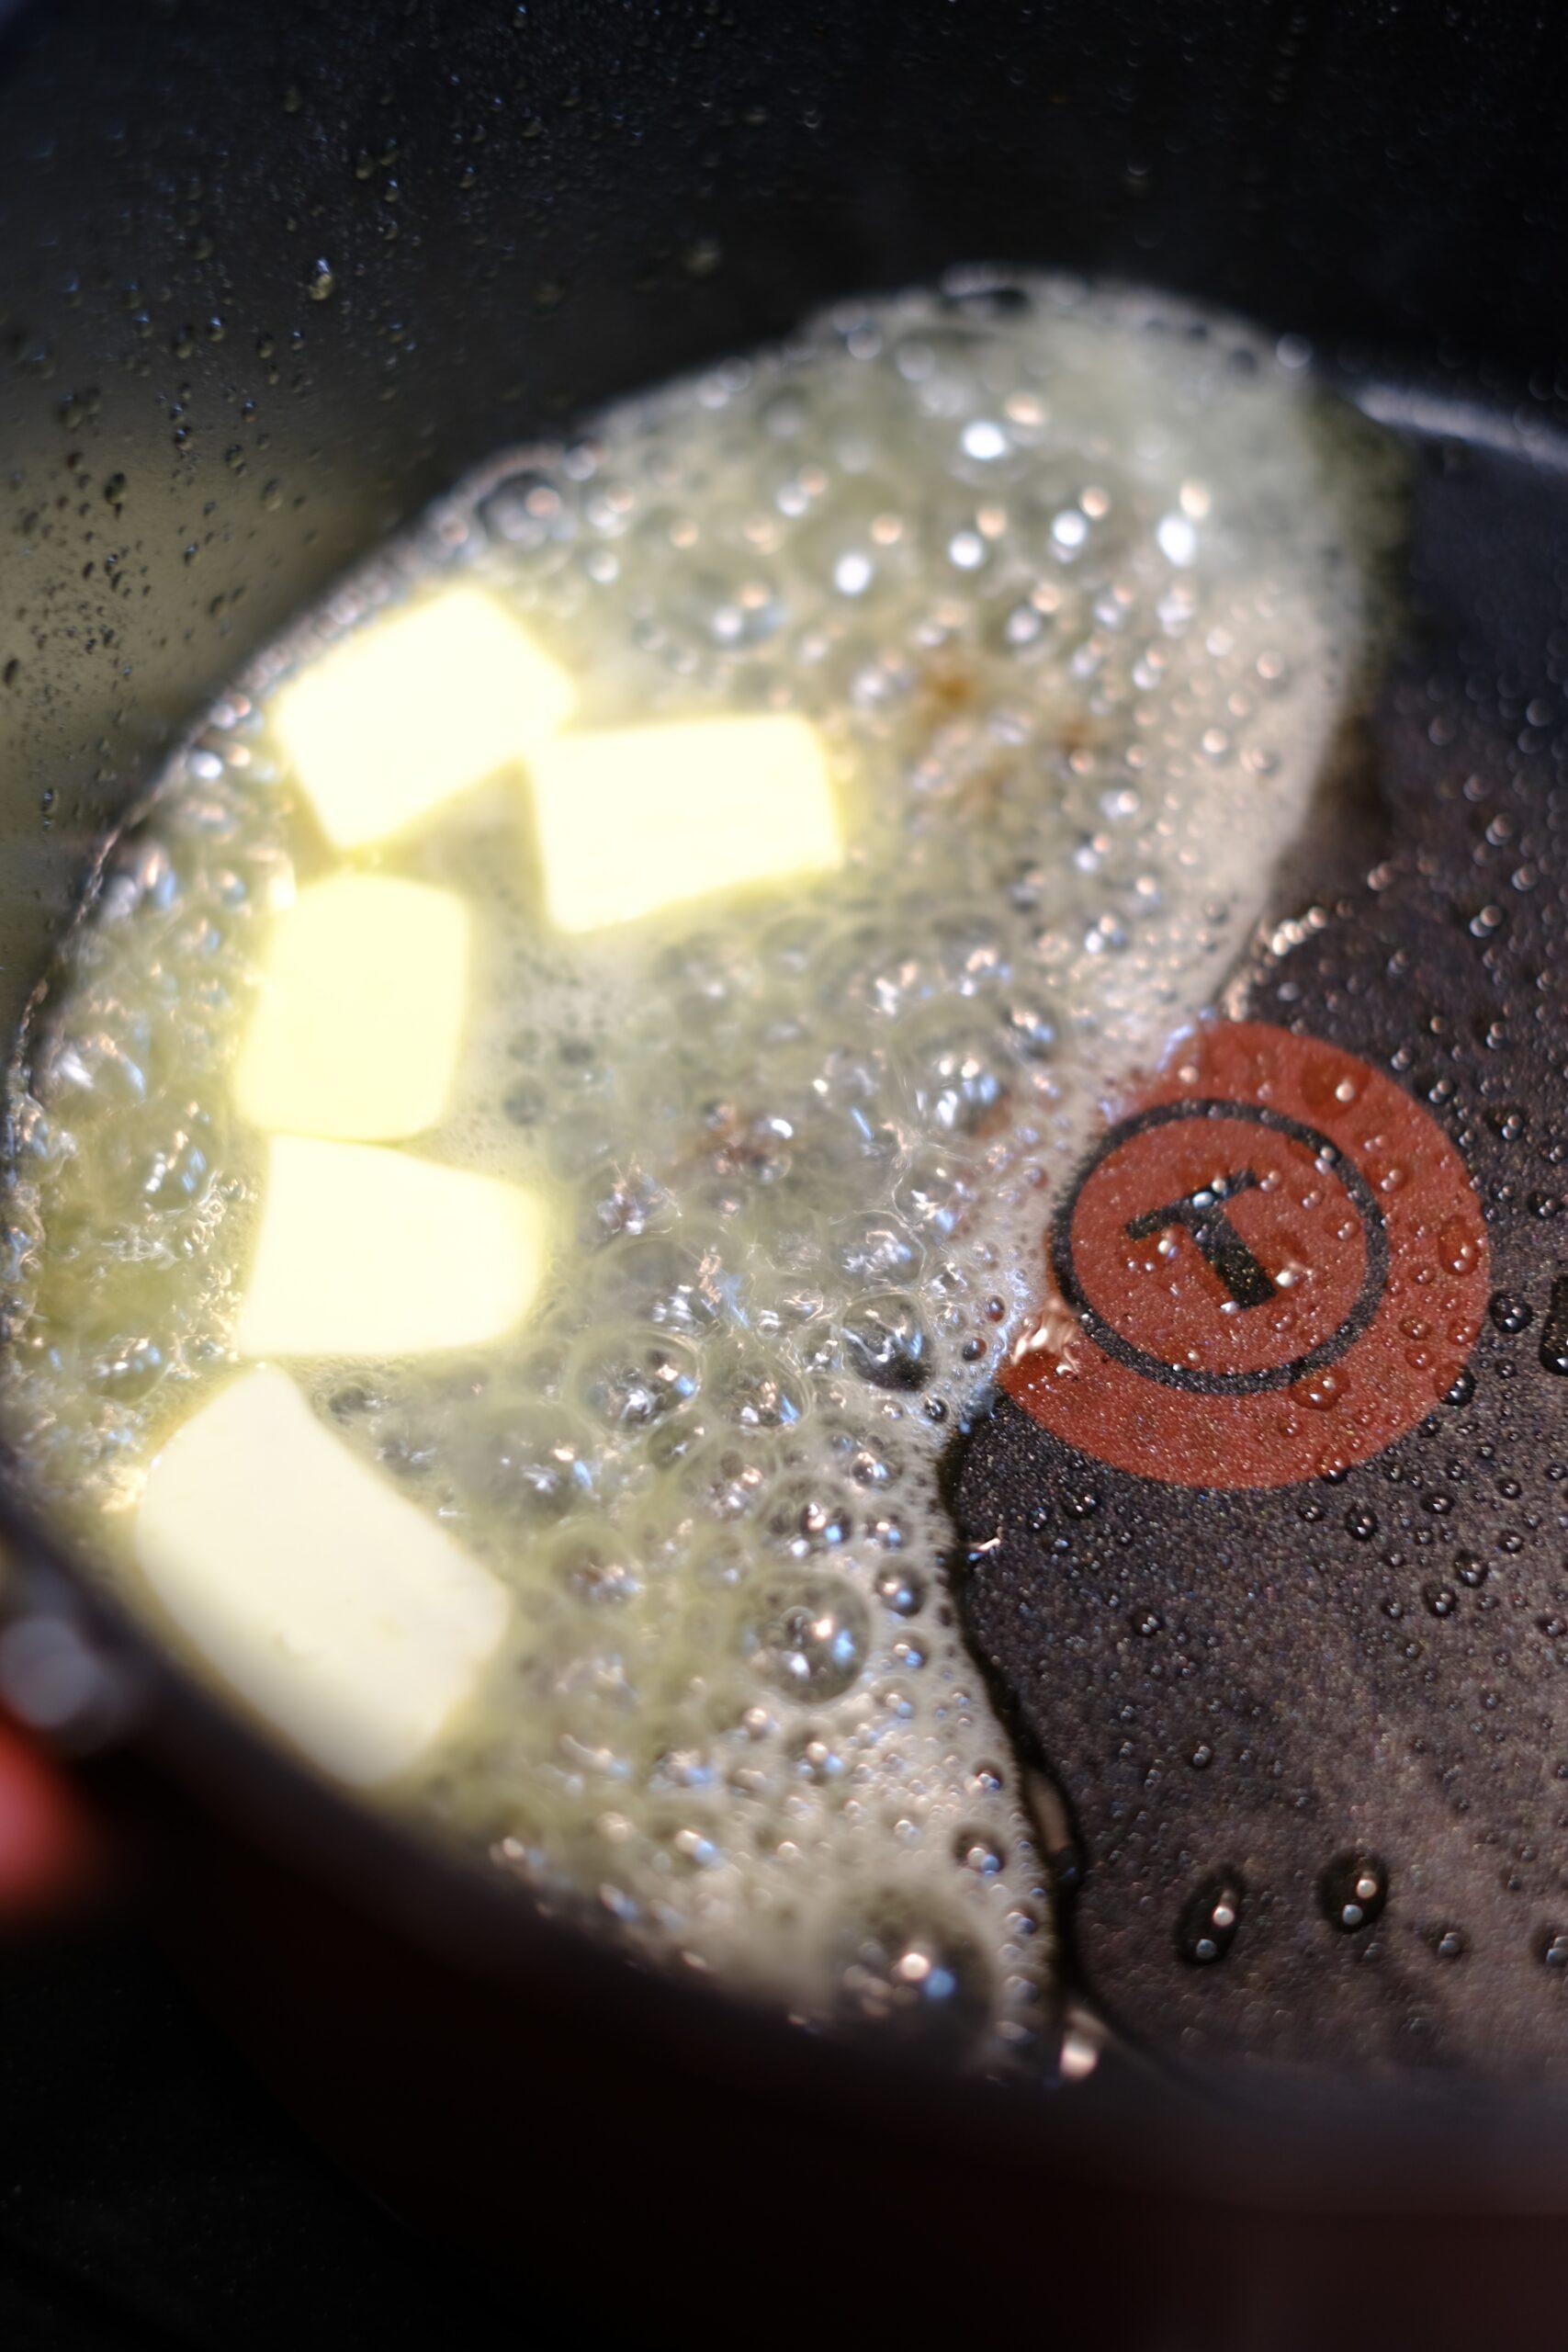 ベーコンを焼いたフライパンにバターを入れ加熱している様子の画像です